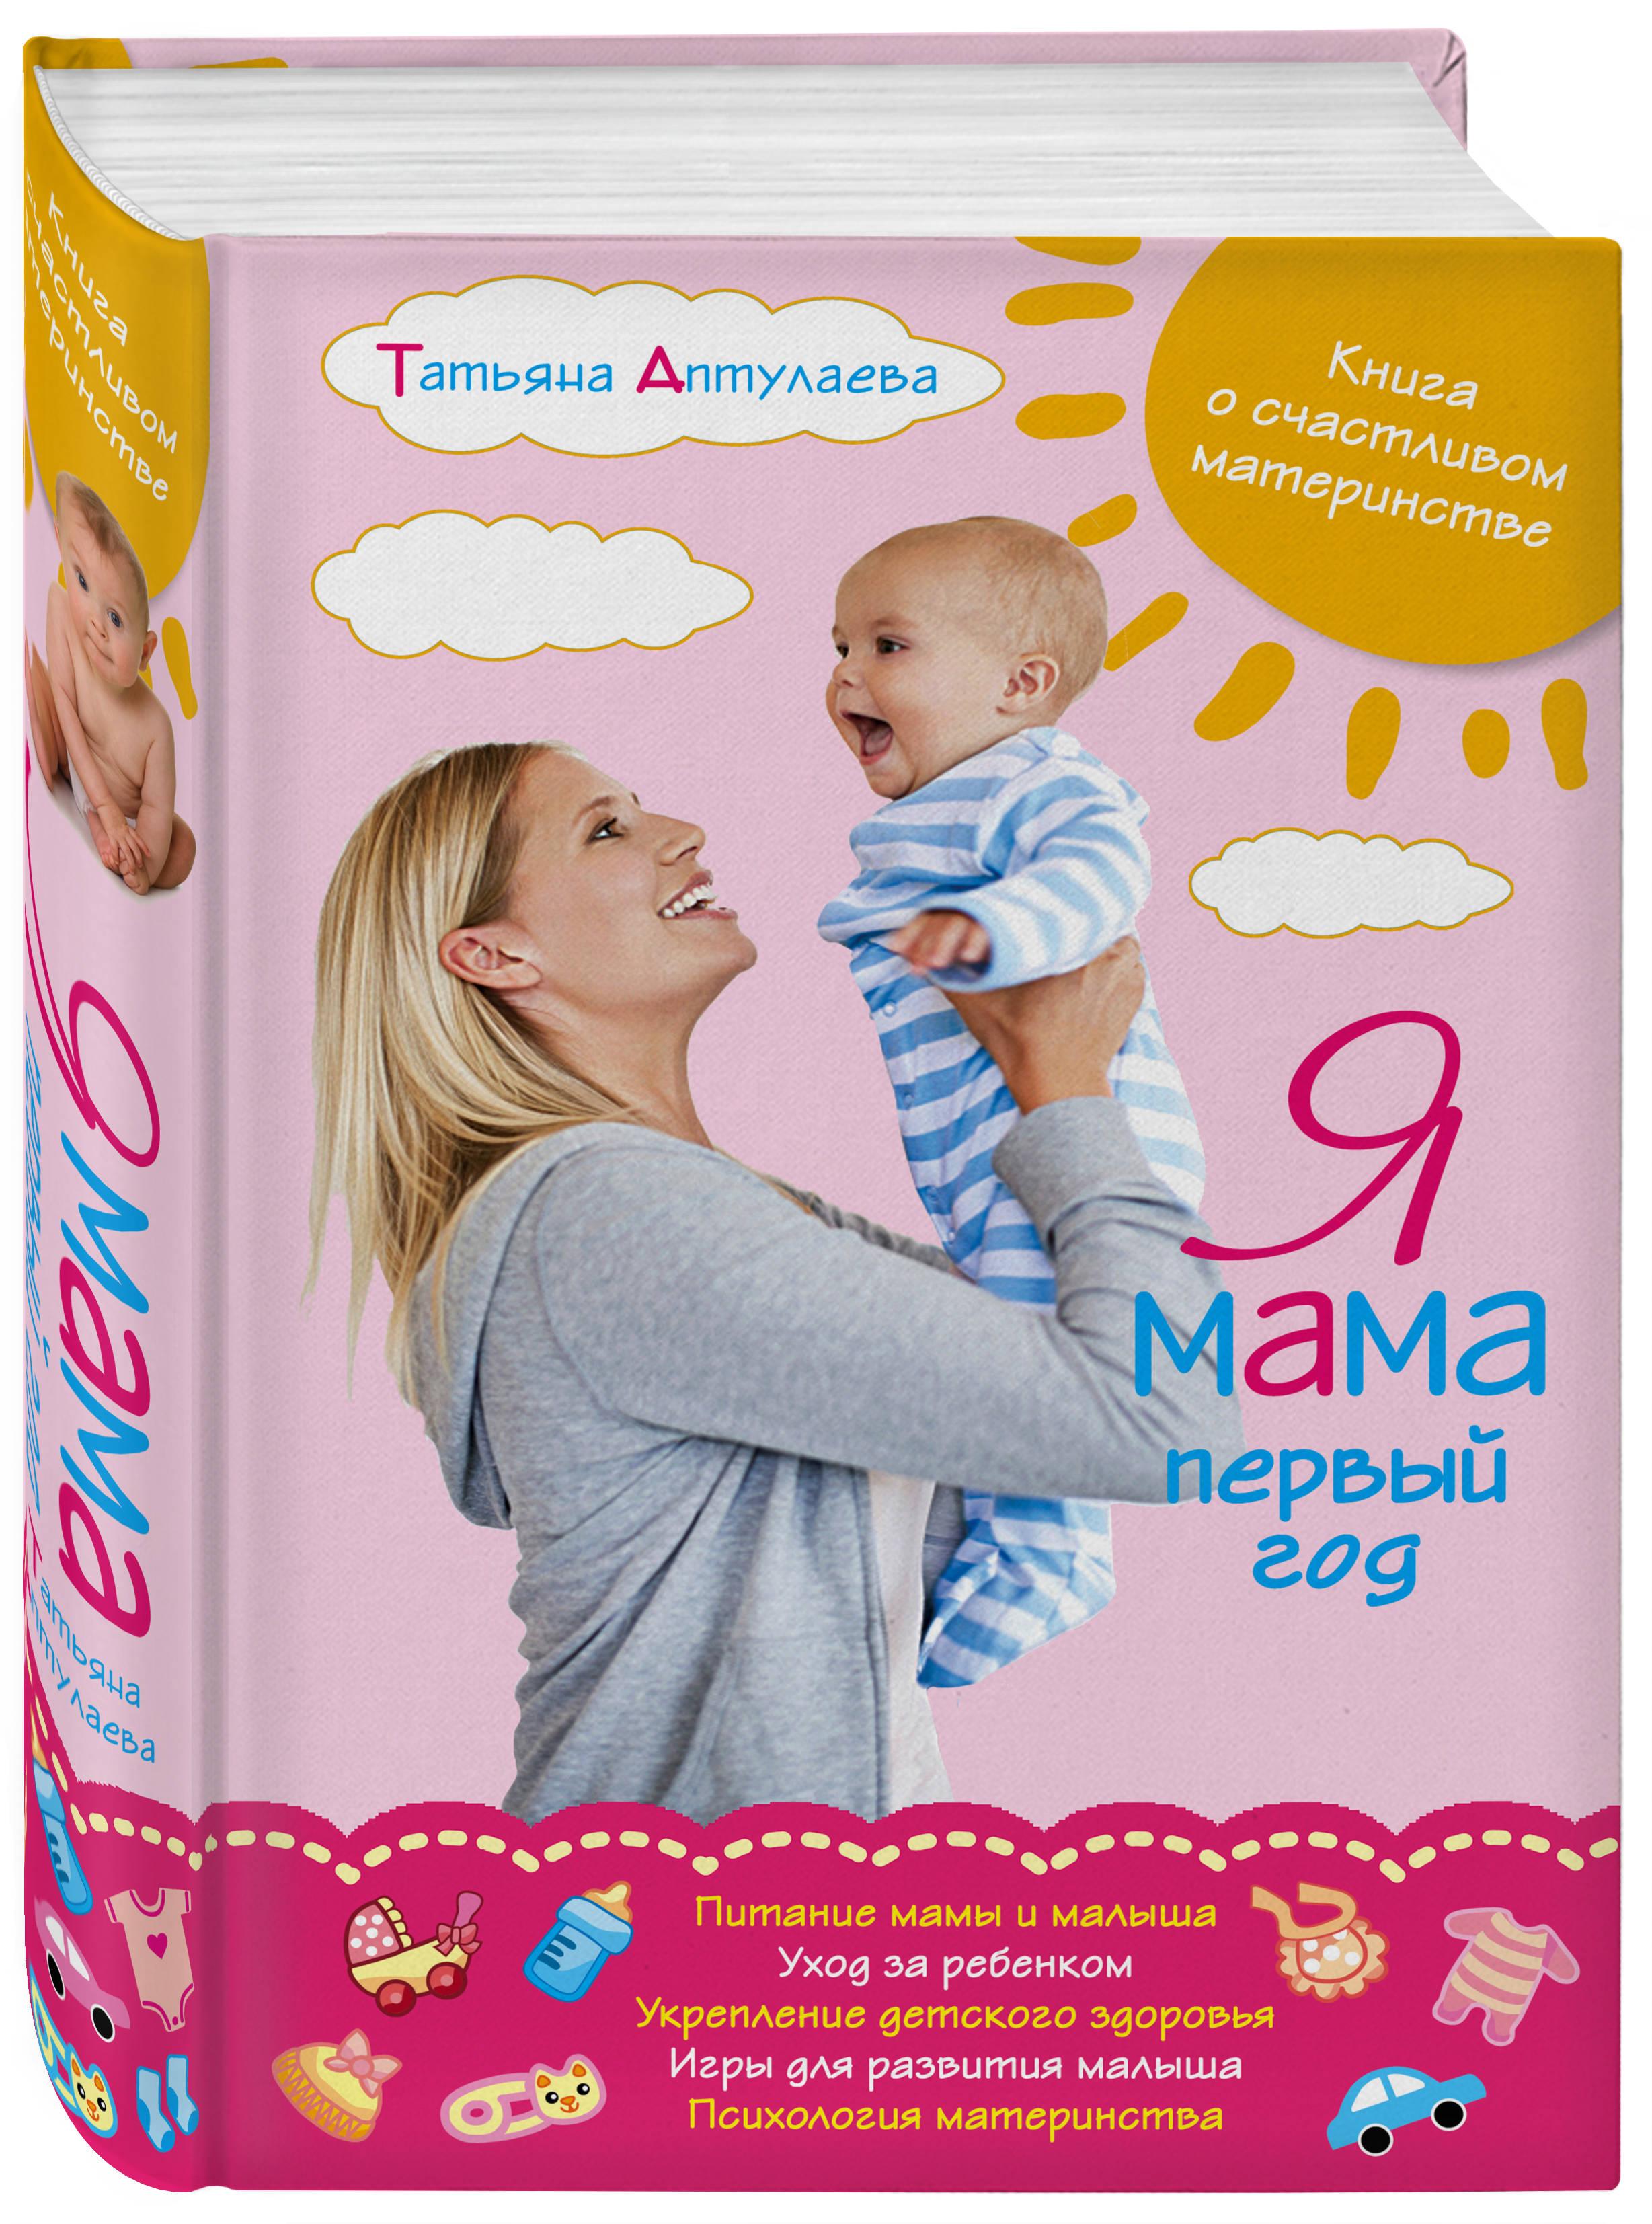 Татьяна Аптулаева Я мама первый год. Книга о счастливом материнстве